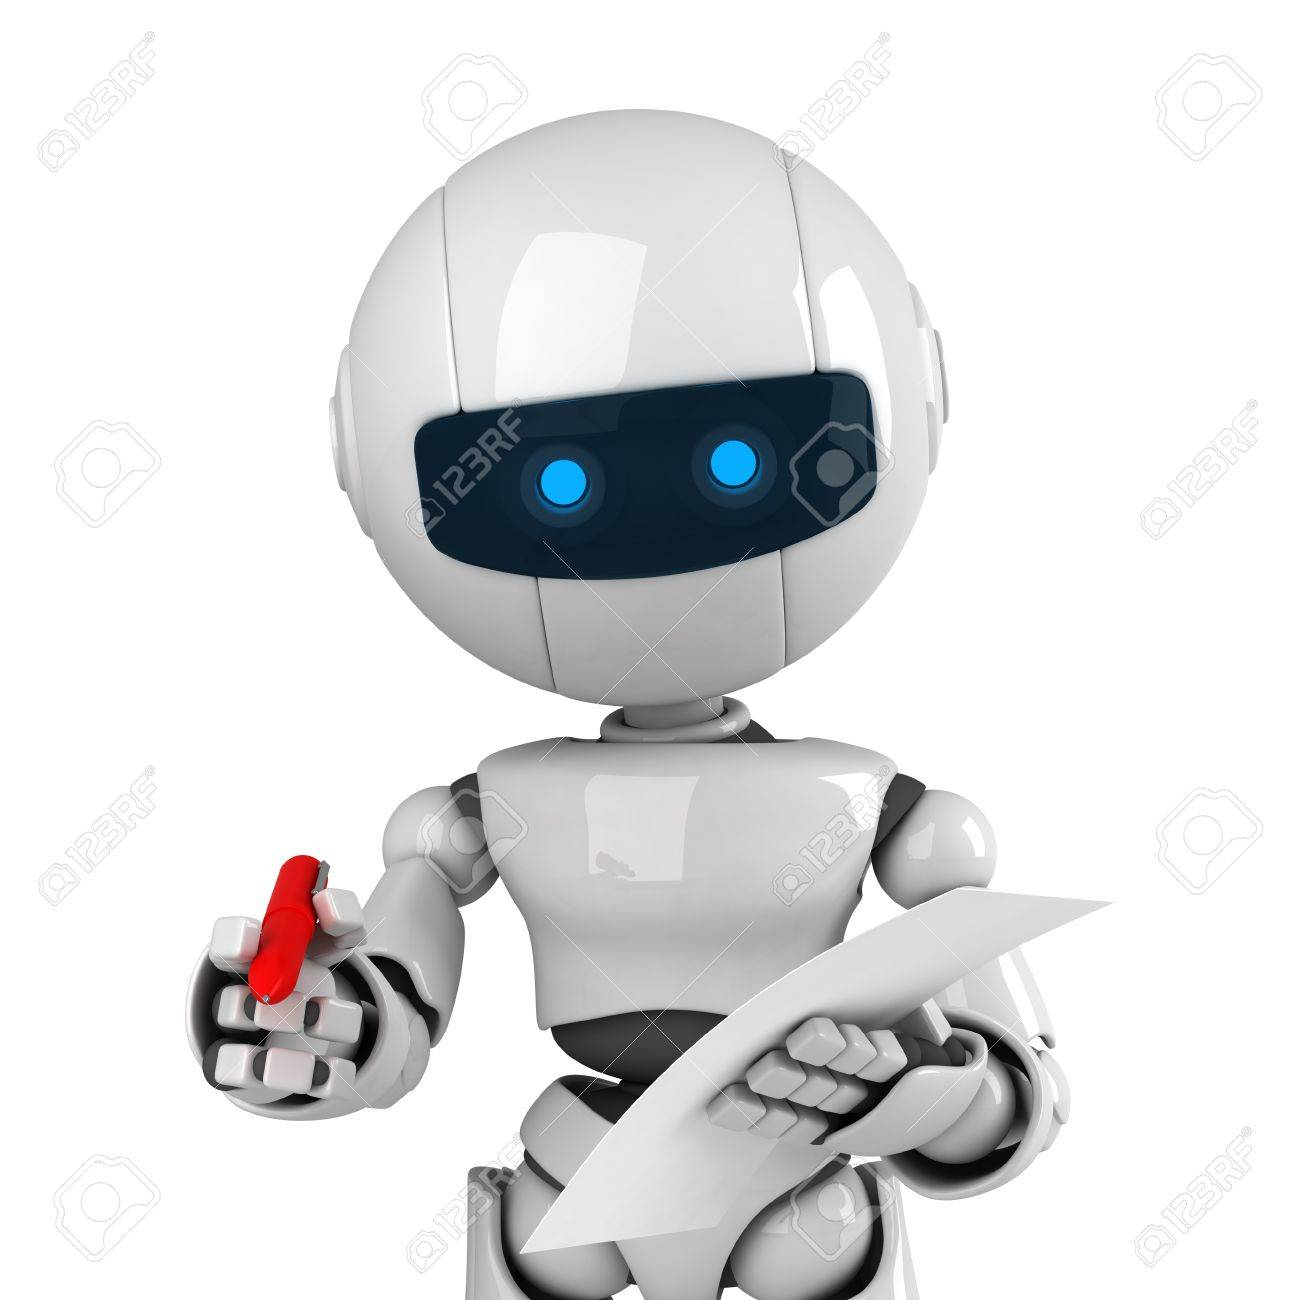 Lustige Weisse Roboter Aufenthalt Mit Stift Und Leeres Dokument Lizenzfreie Fotos Bilder Und Stock Fotografie Image 10042490